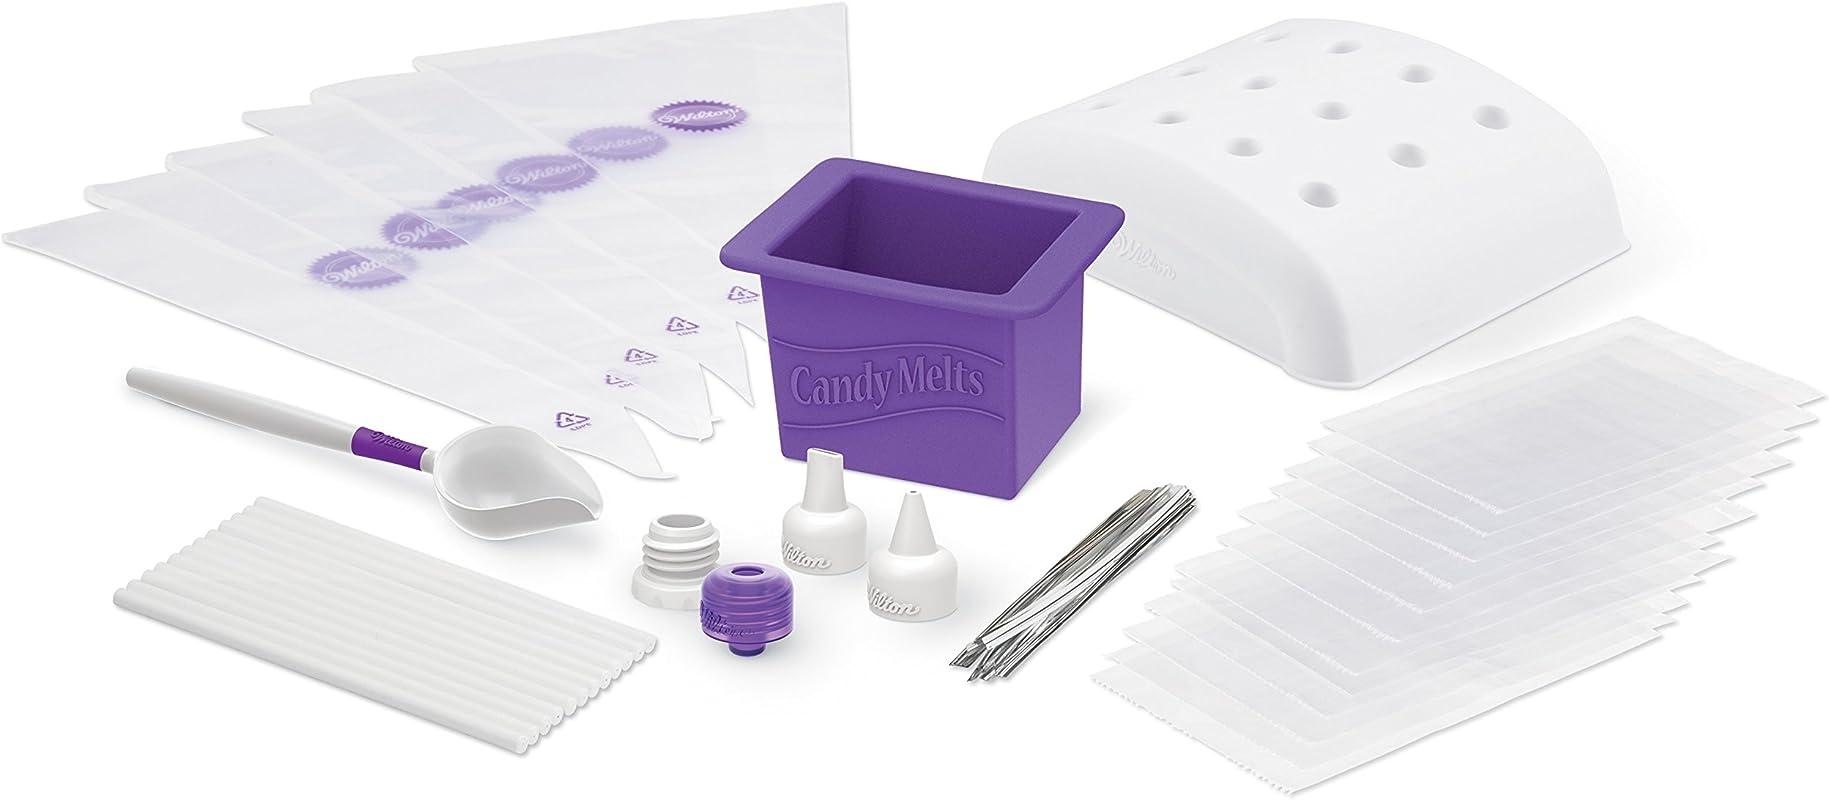 Wilton Dip N Decorate Essentials Set 49 Piece Candy Making Supplies